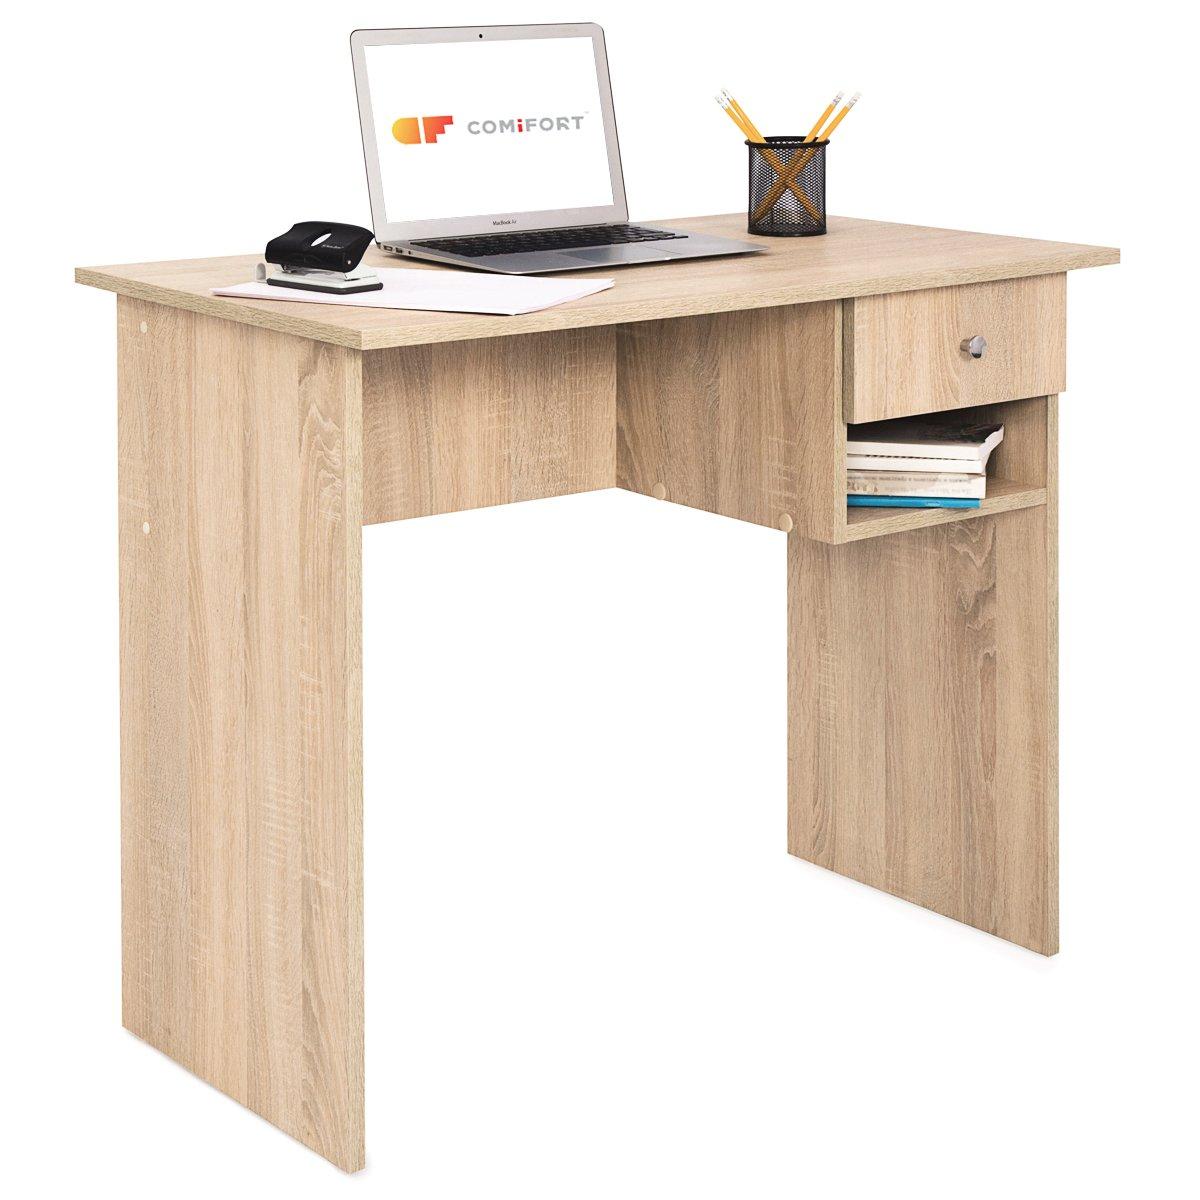 COMIFORT T02S - Escritorio con Cajon e Estante, Mesa de Ordenador, 90x50x74 cm,